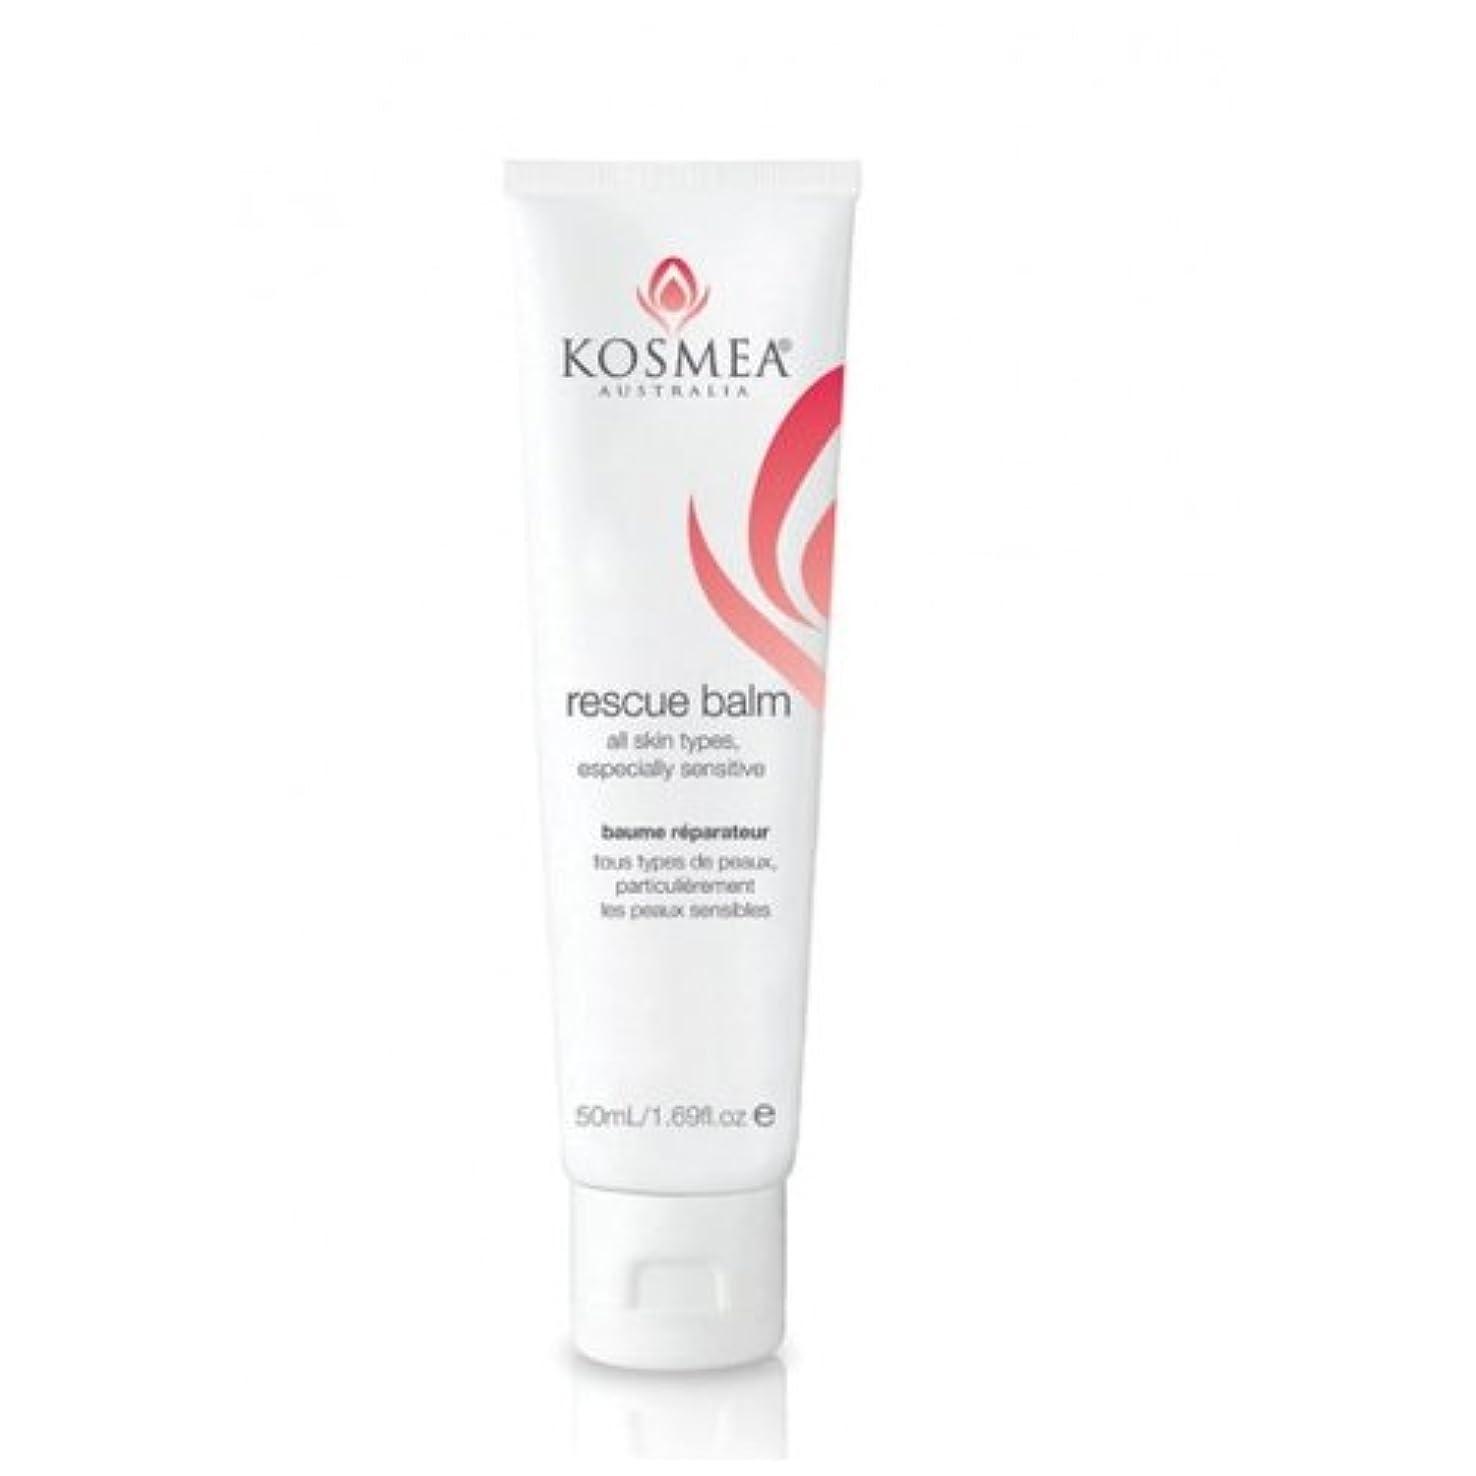 落ち着くストリップお香【KOSMEA】Skin Clinic TM Rescue Balm コスメア レスキューバーム 50ml 3個セット【並行輸入品】【海外直送品】